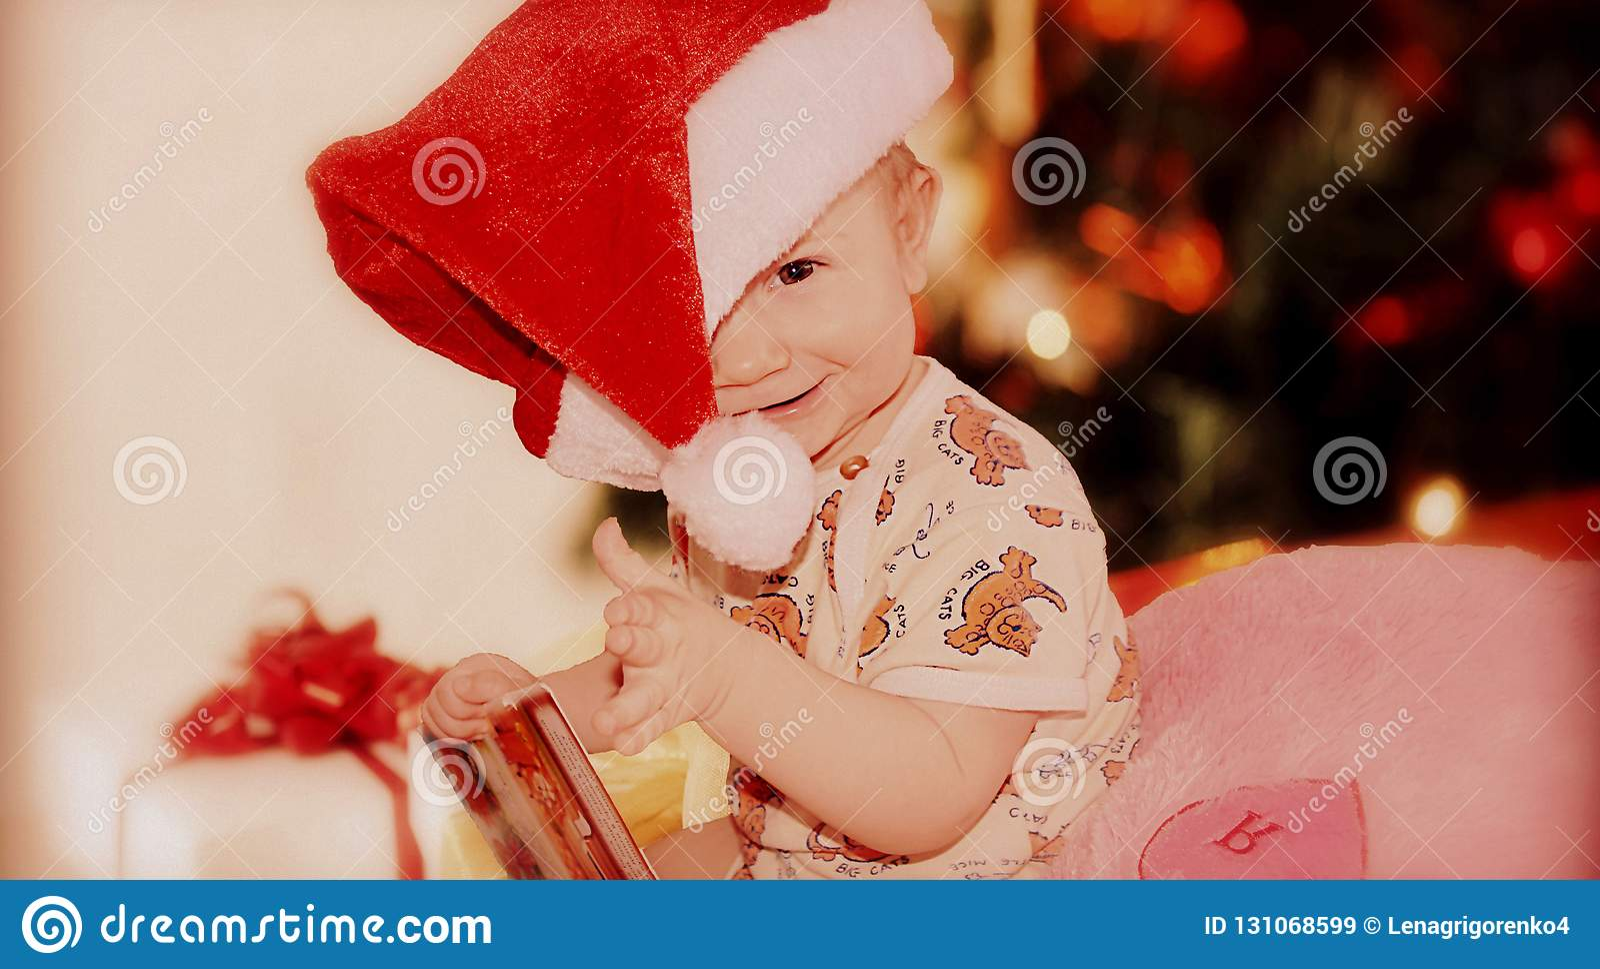 Las emociones de los niños antes del Año Nuevo o de la Navidad